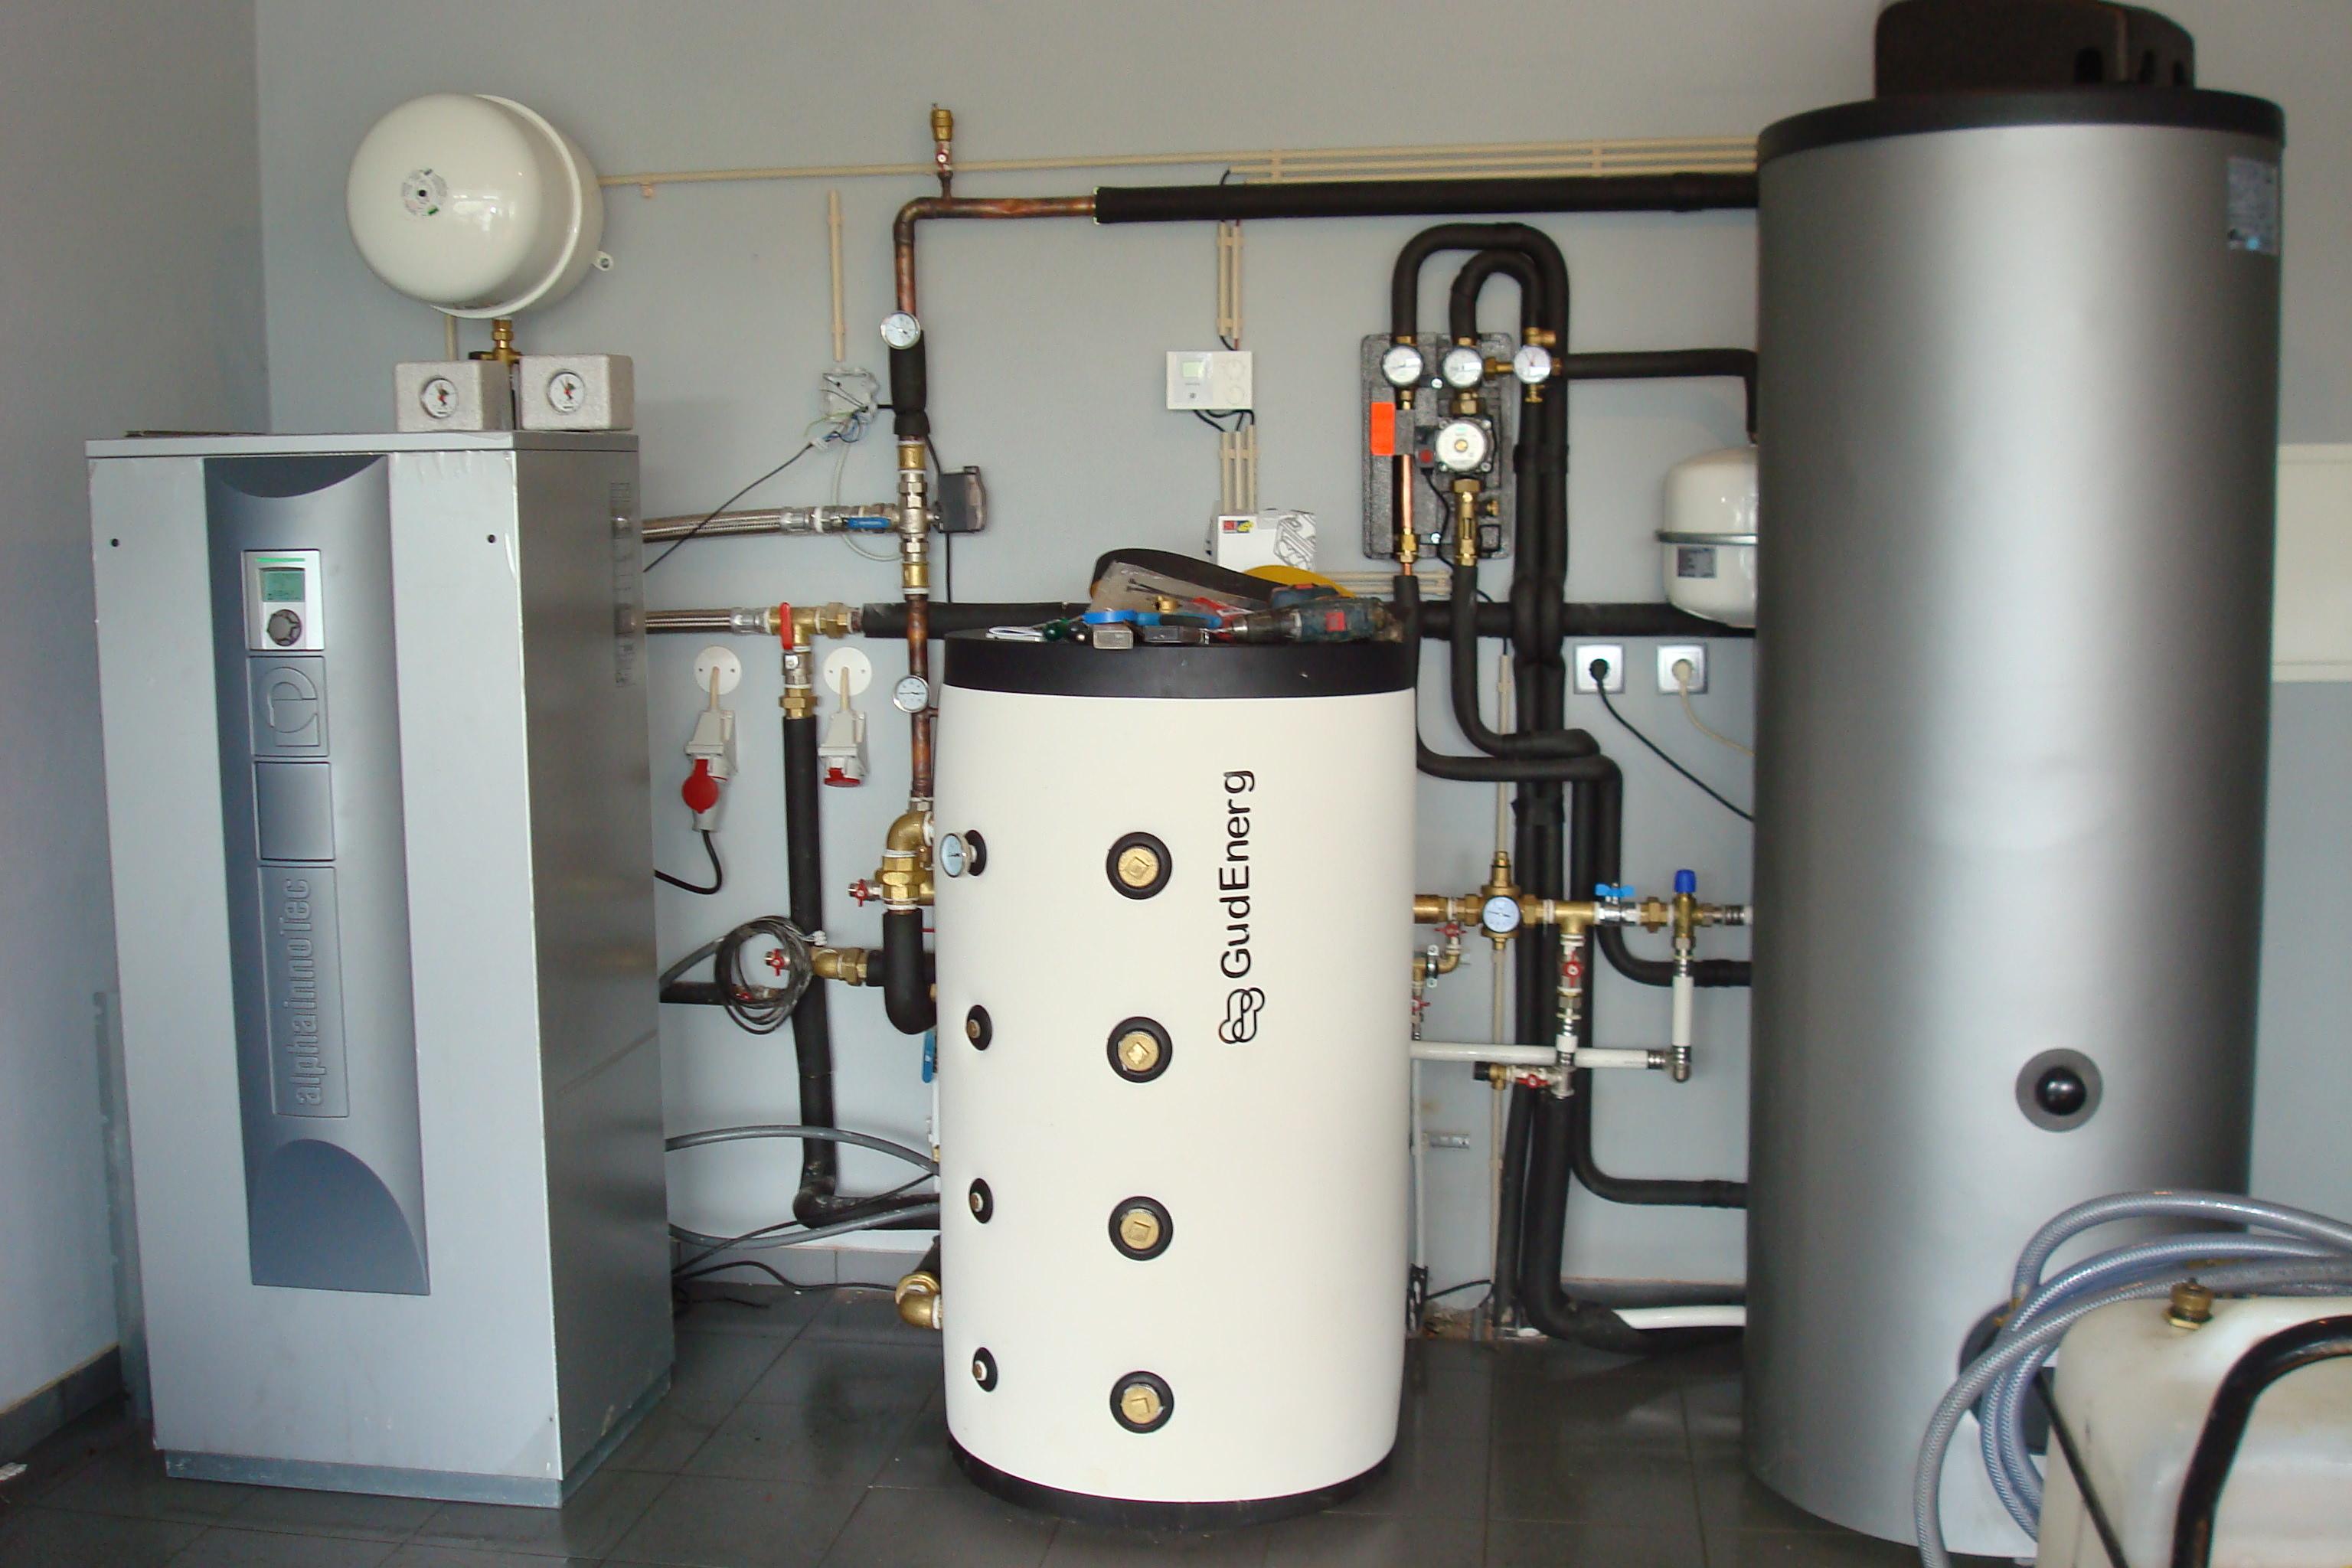 Nova gera o de bombas de calor de geotermia para melhor - Bomba de calor ...